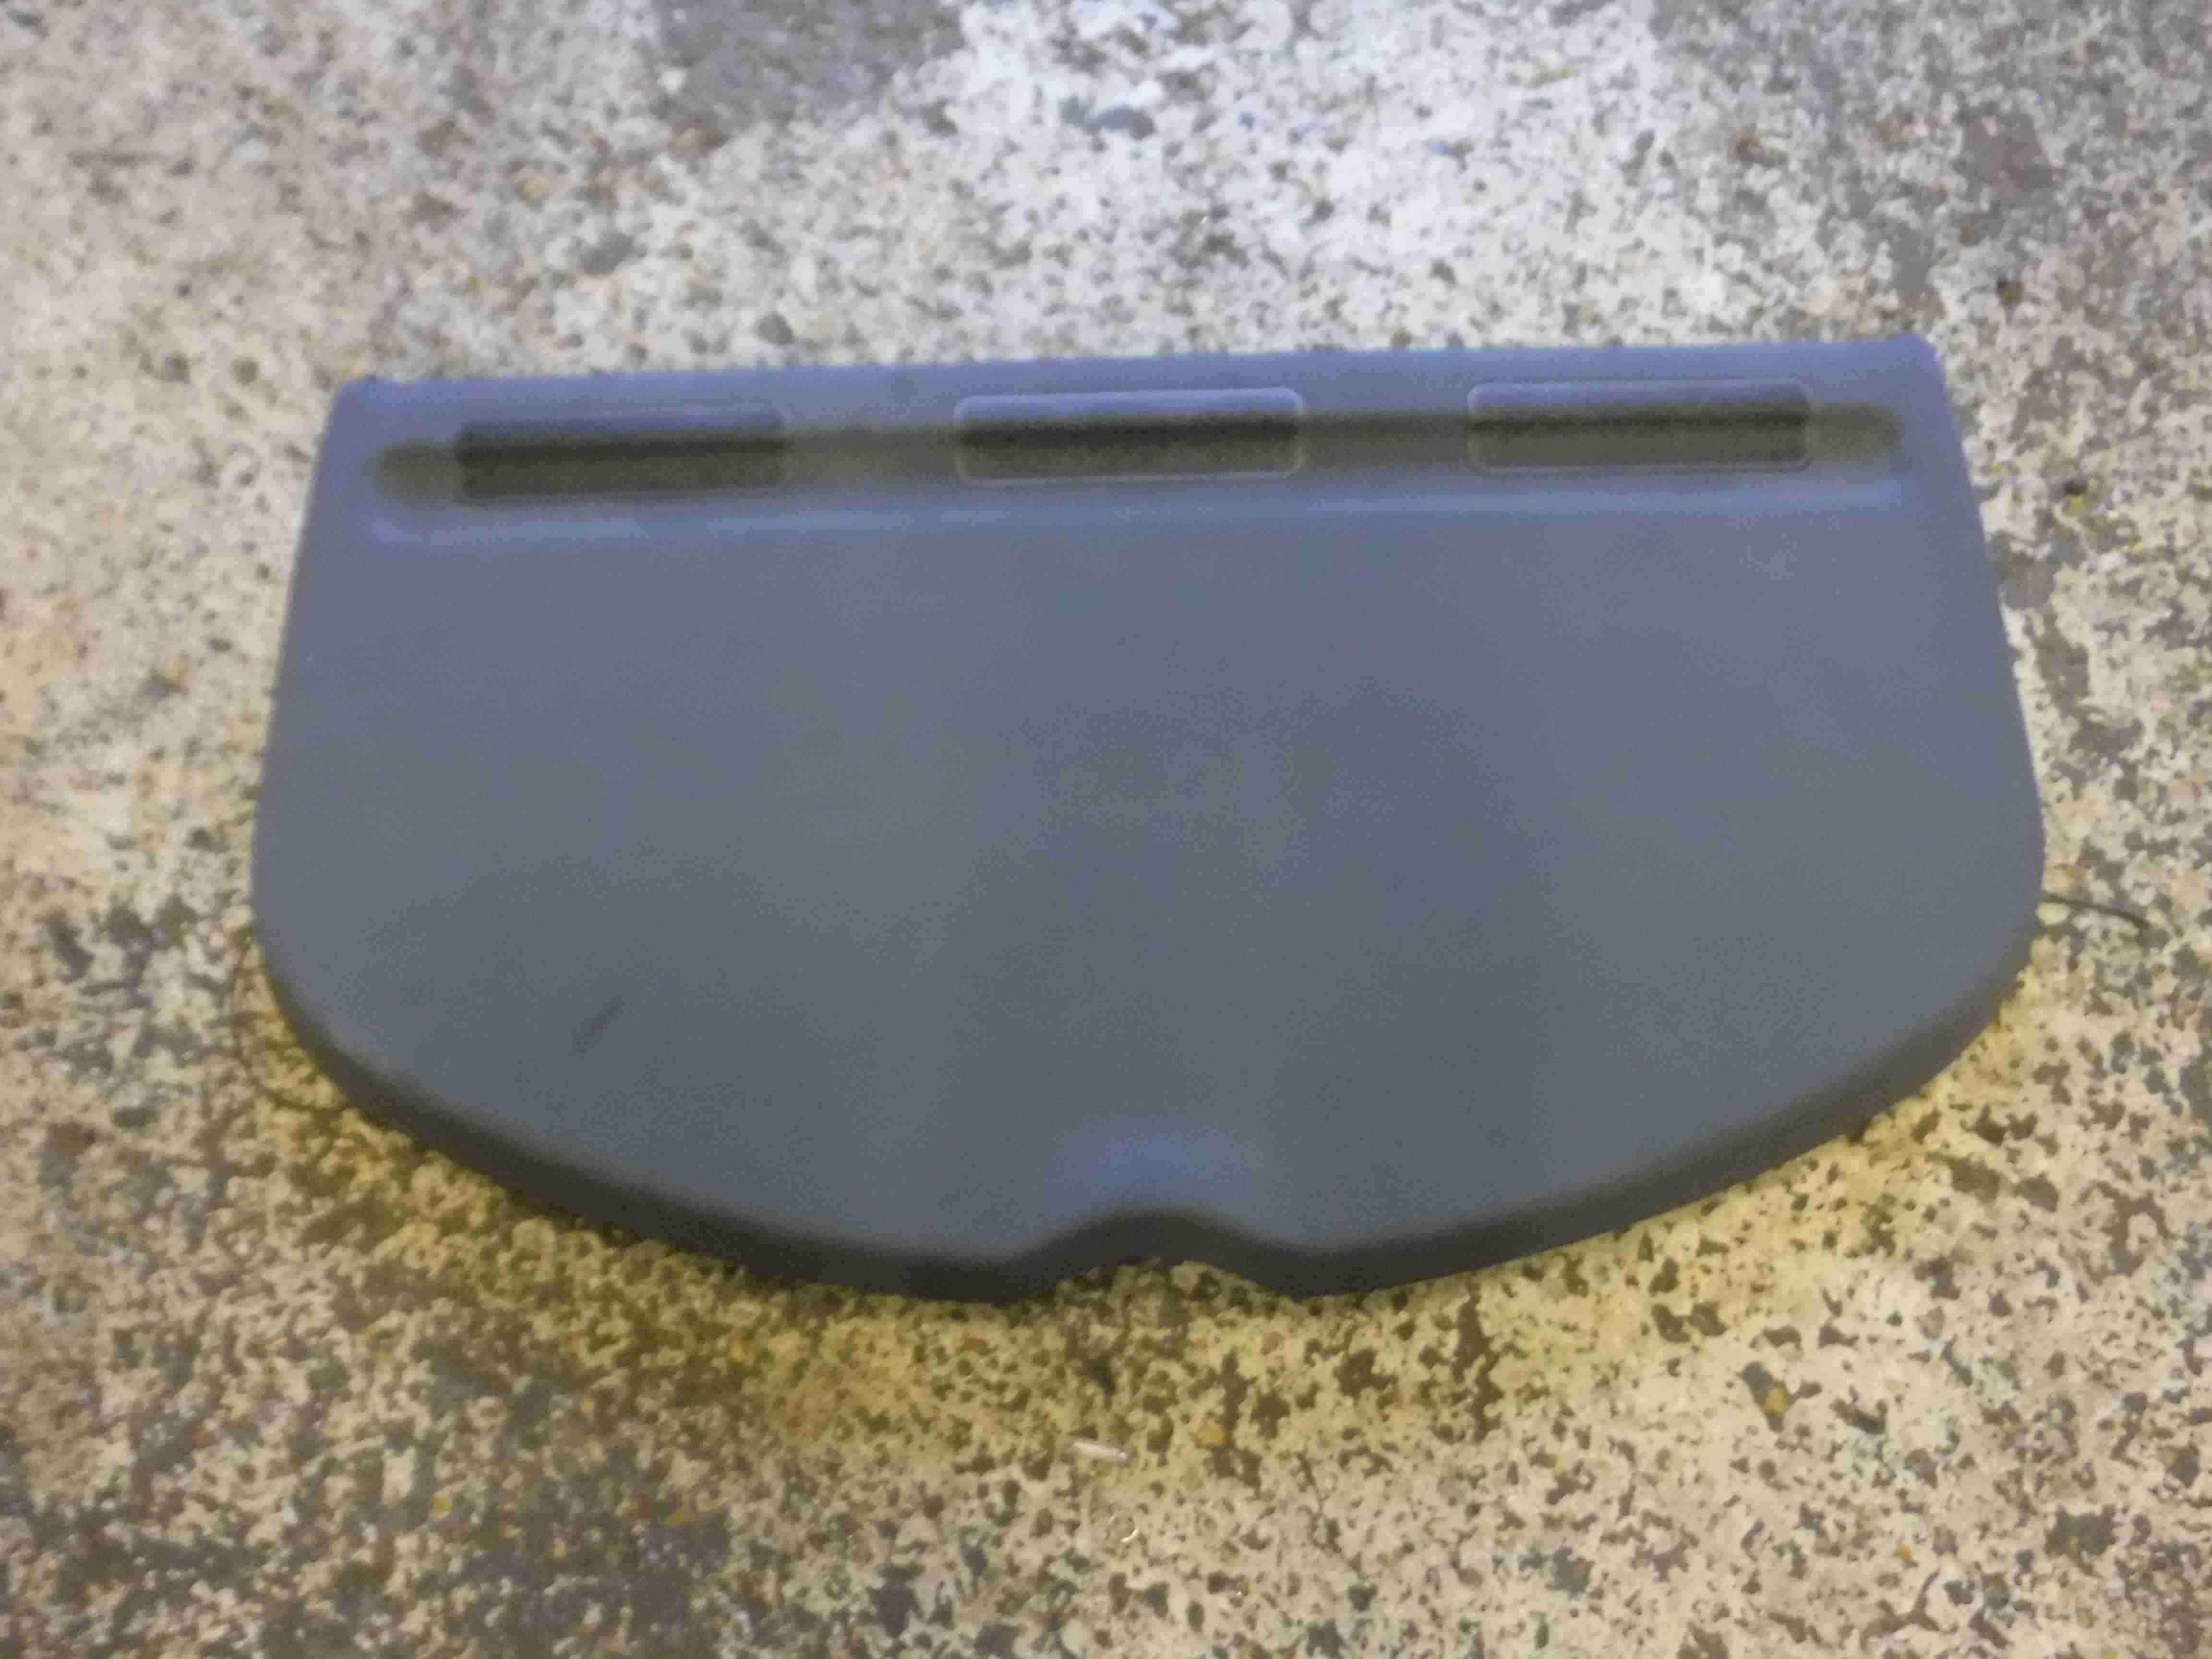 Renault Vel Satis 2002-2005 Rear Parcel Shelf